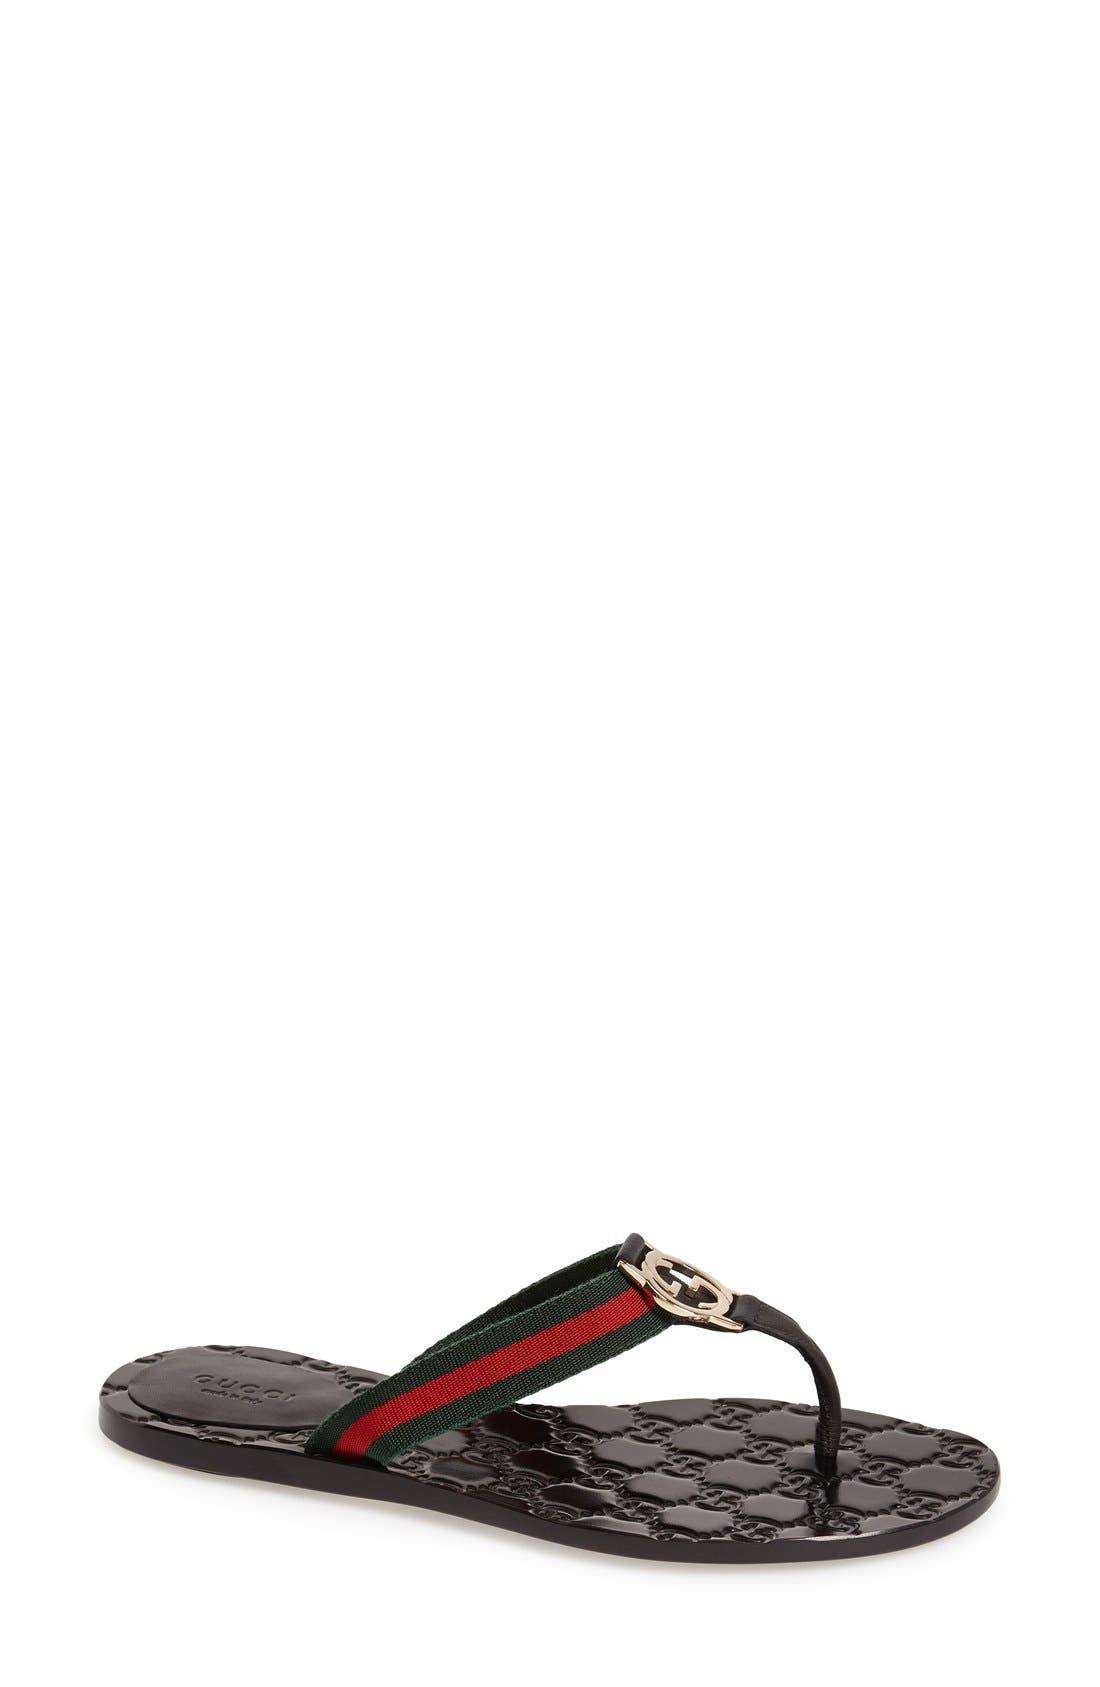 GUCCI 'GG' Logo Sandal, Main, color, NERO